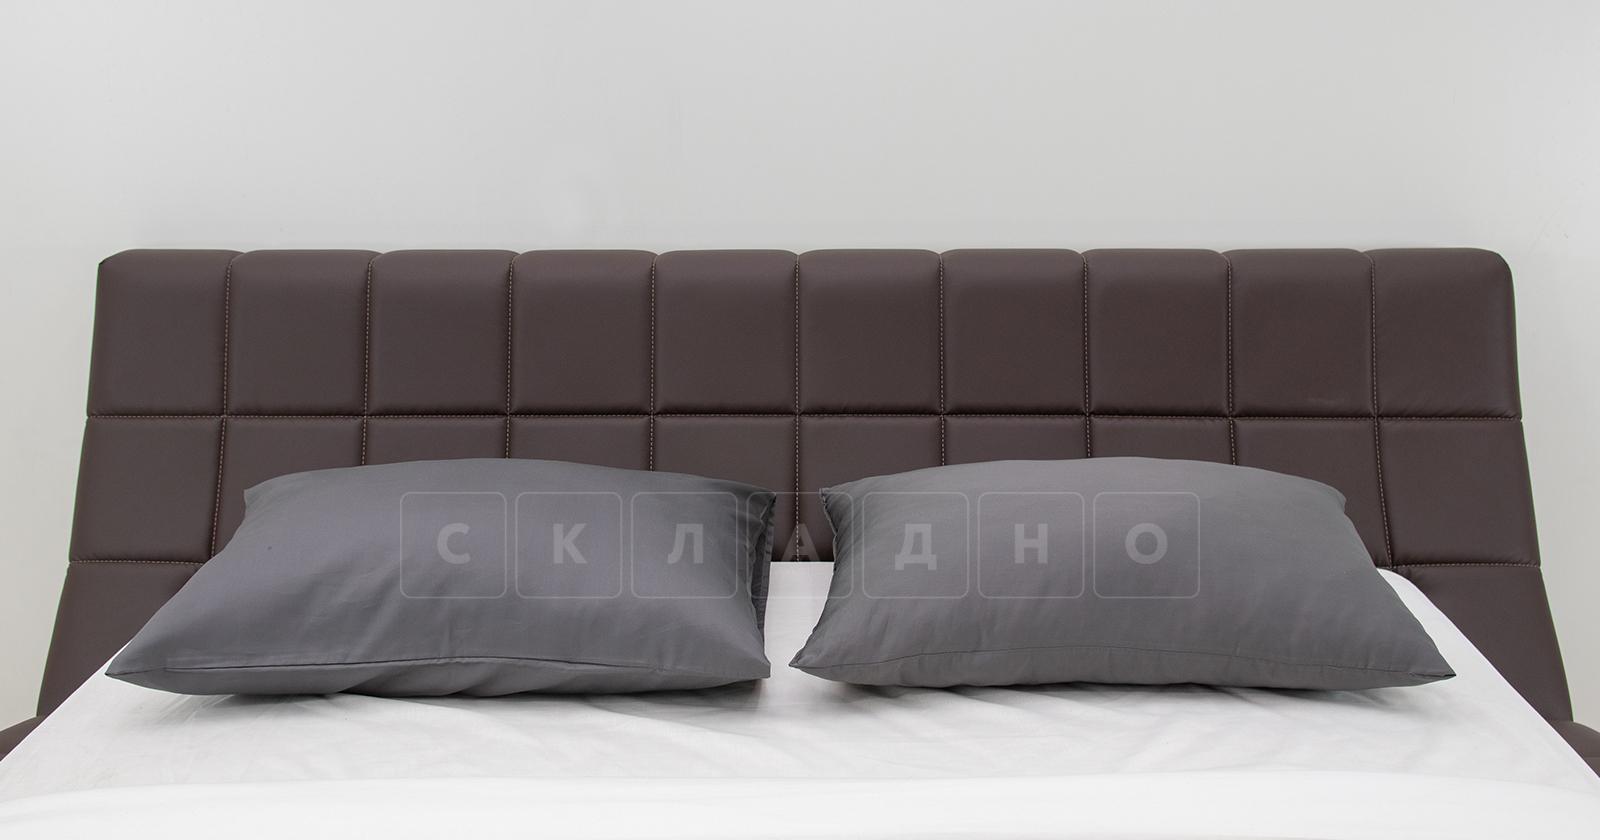 Мягкая кровать Оливия 160 см экокожа шоколад фото 5 | интернет-магазин Складно